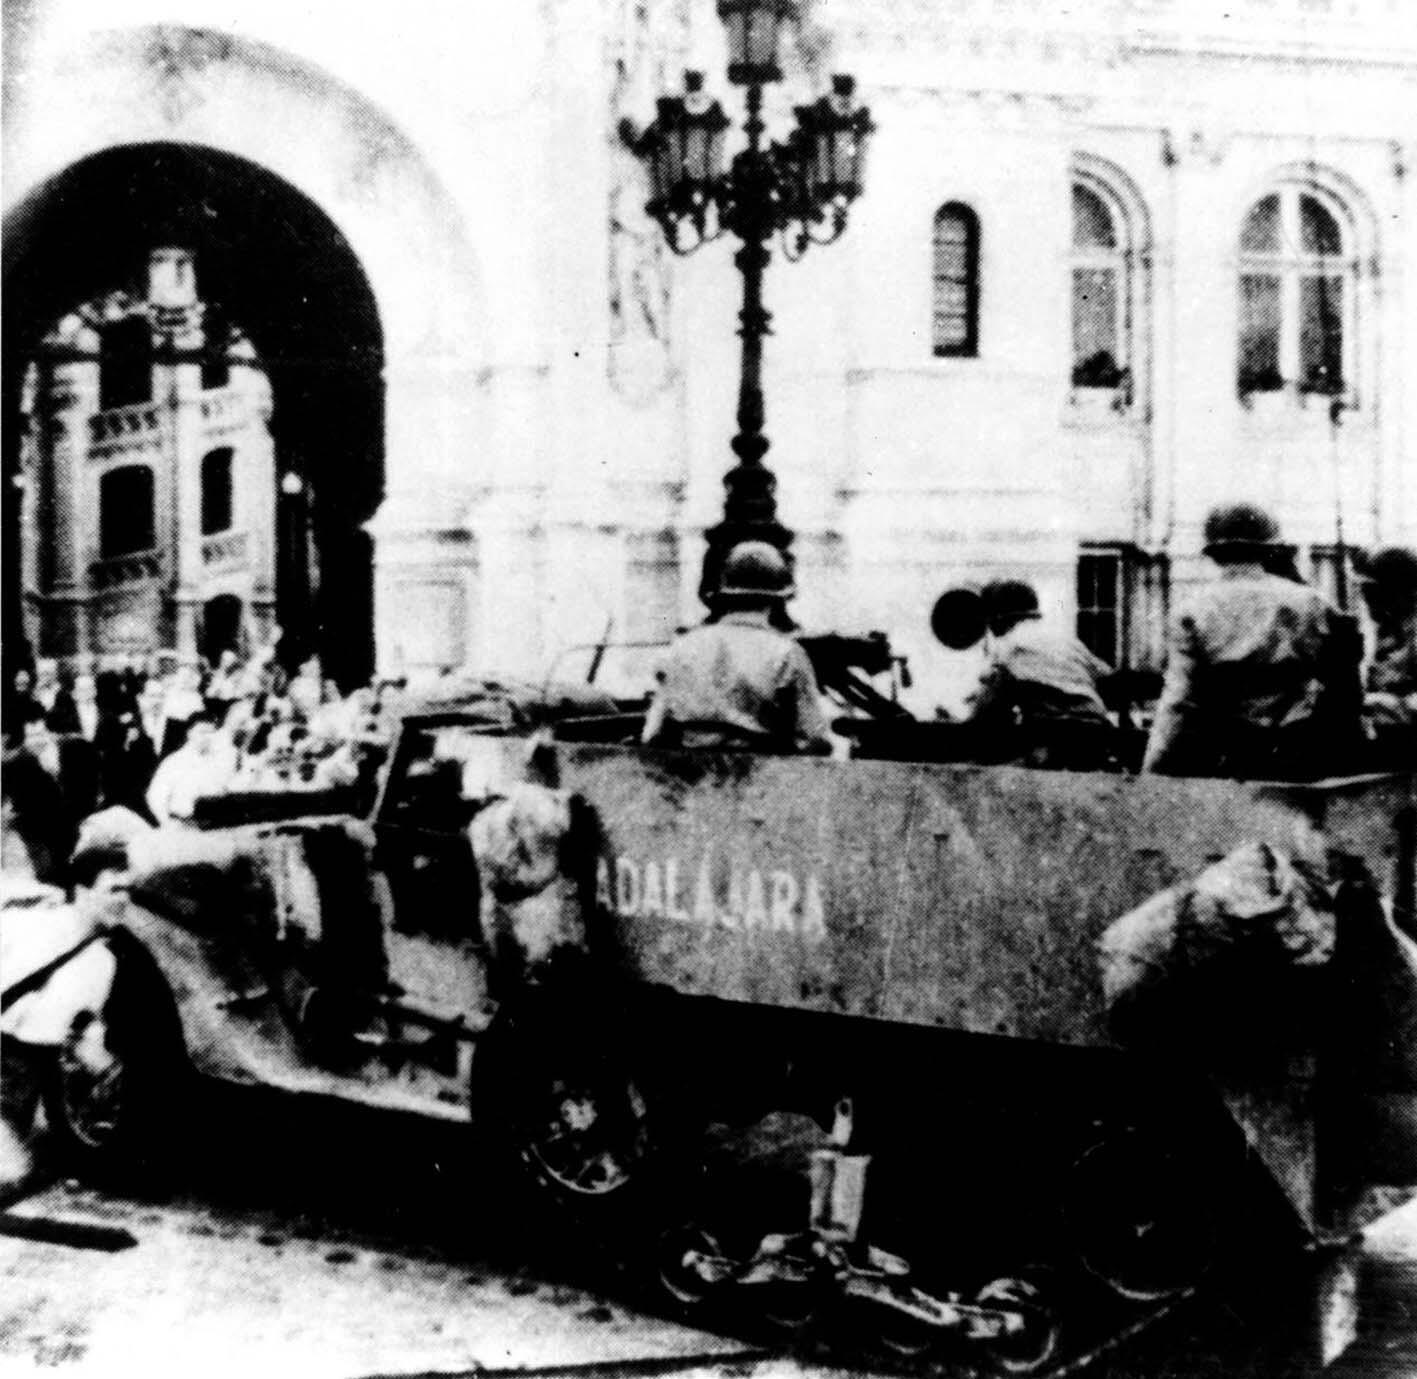 Le half-track Guadalajara, le premier véhicule a être entré sur la place de l'Hôtel de ville de Paris, le 24 août 1944.